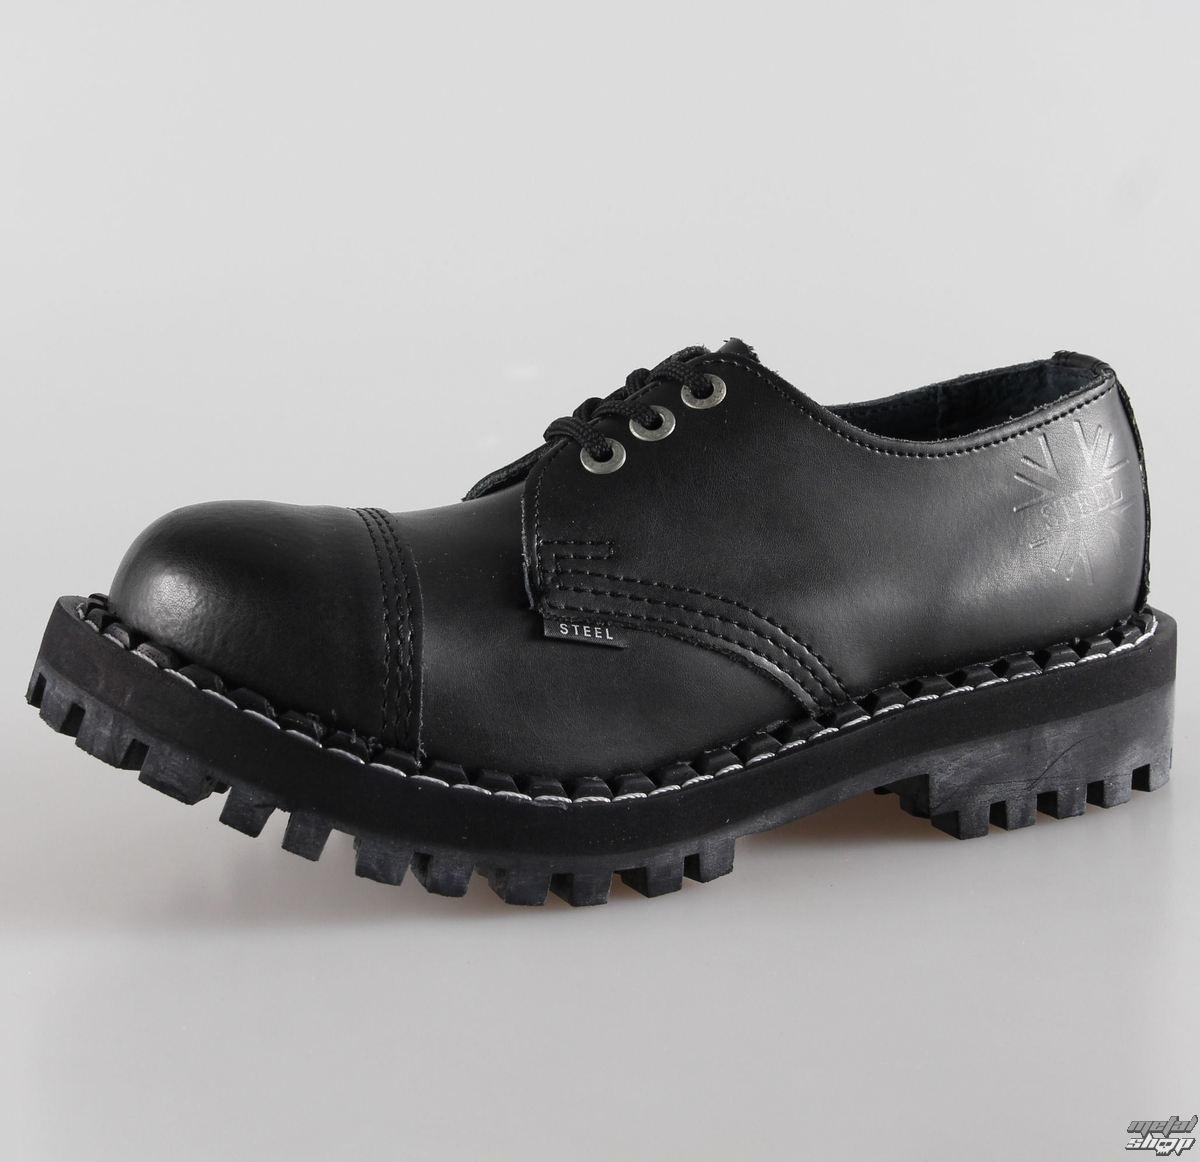 cb798bfc6180 topánky STEEL - 10 dierkové čierne ( 105 106 Black) 10tich-dierkové ...